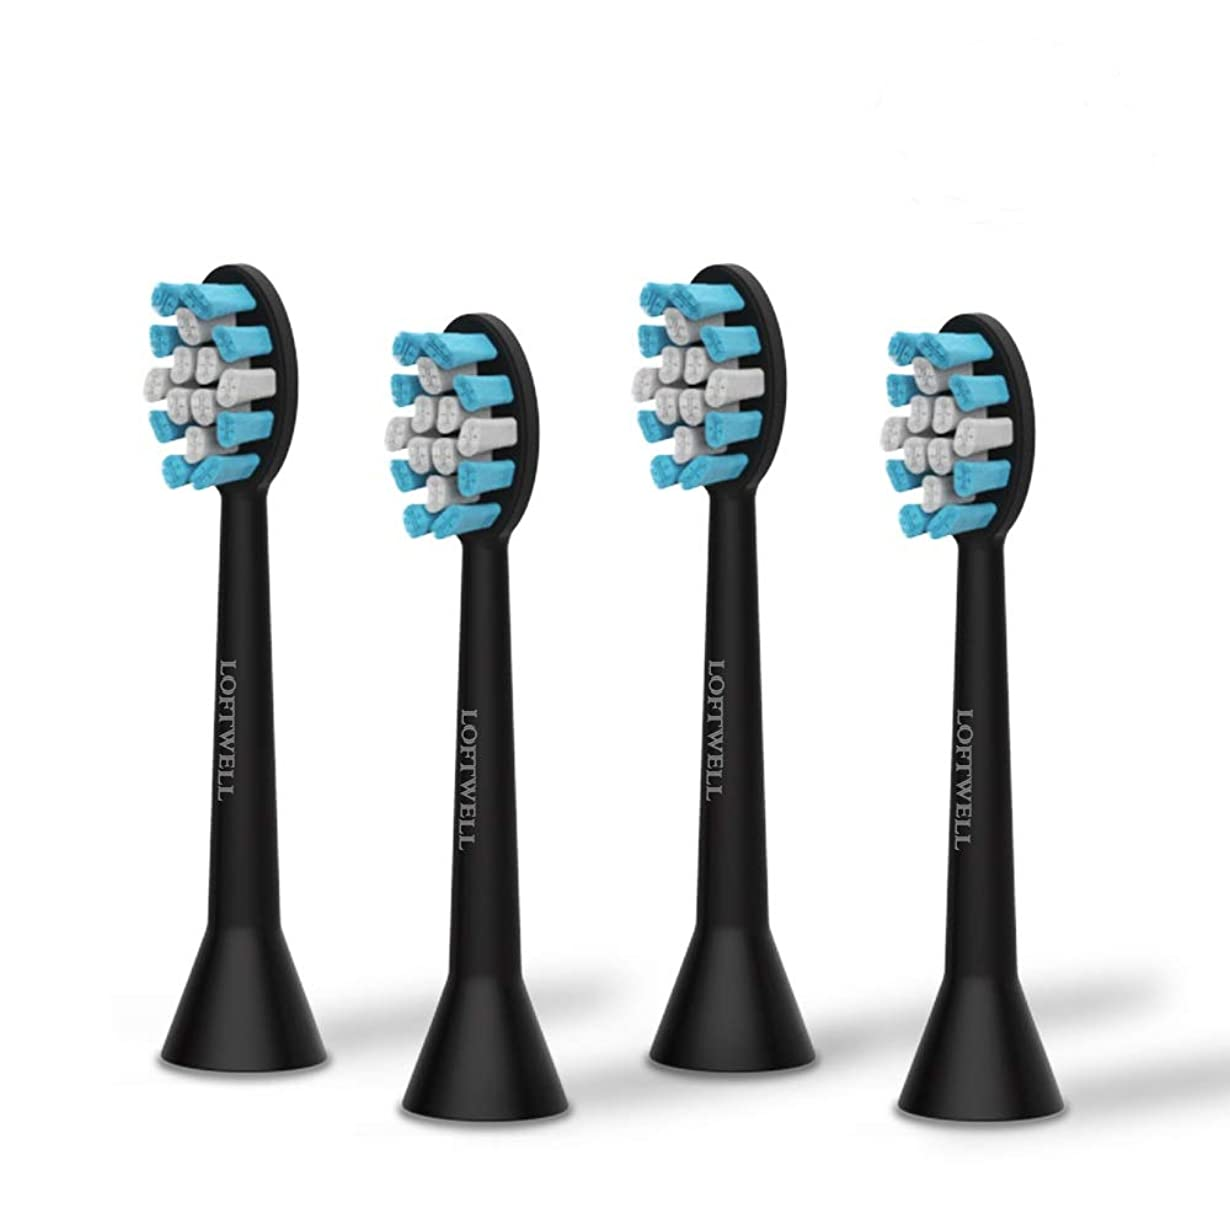 頭痛流長老loftwell 電動歯ブラシD5とD9通用替えブラシ 替えブラシ 4本入れ